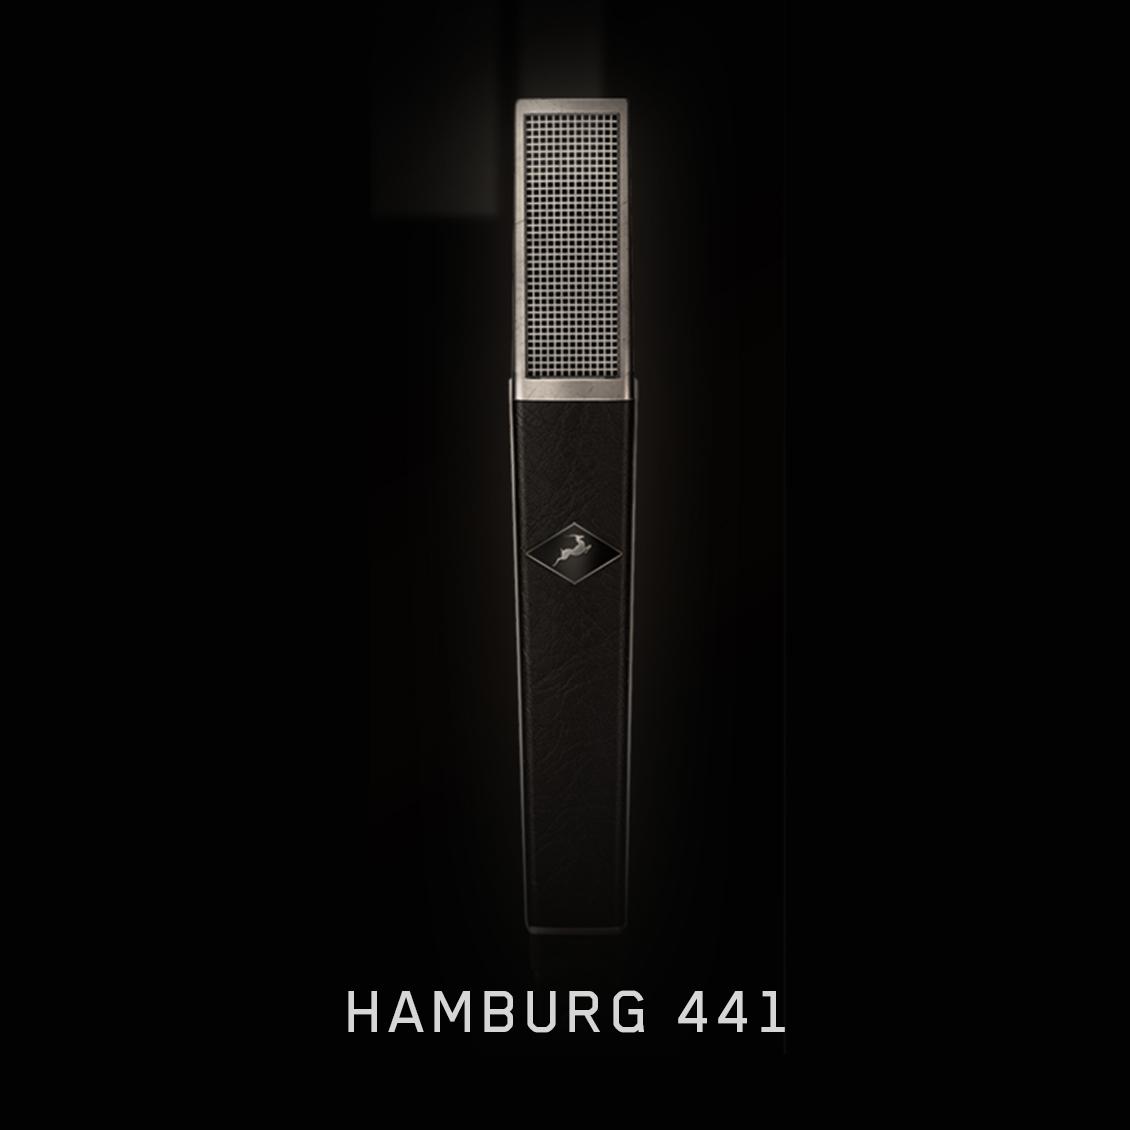 Hamburg 441